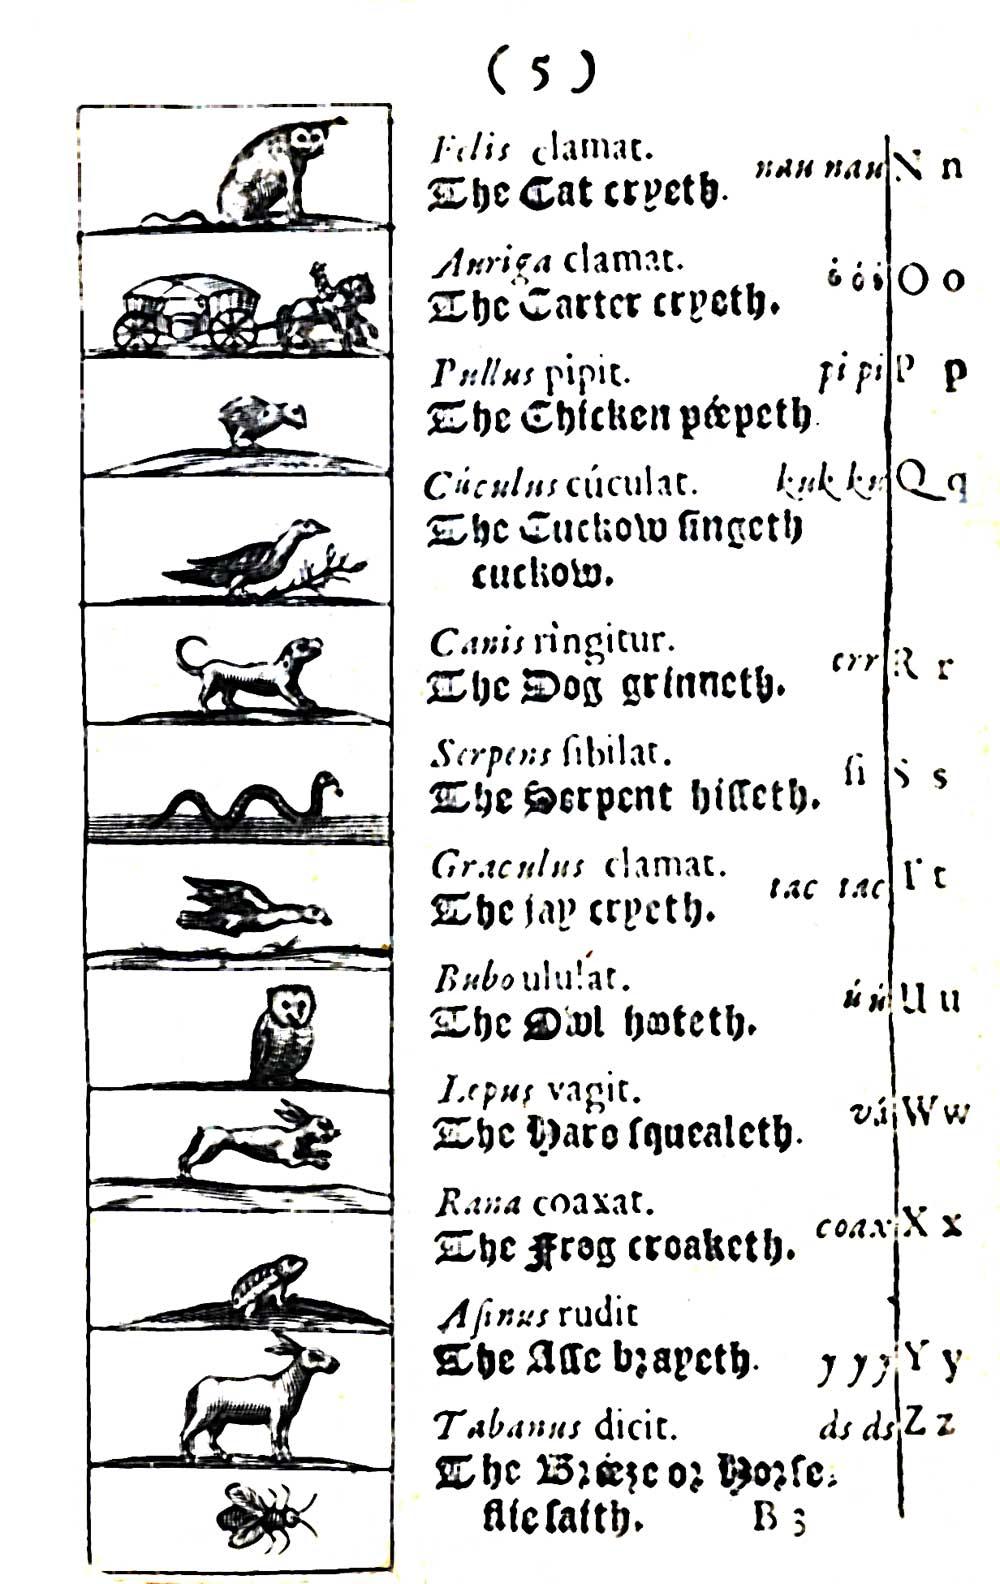 <em>Orbis sensualium pictus</em>, 1659, by Comenius (Czech, 1592-1670), sheet from printed book.